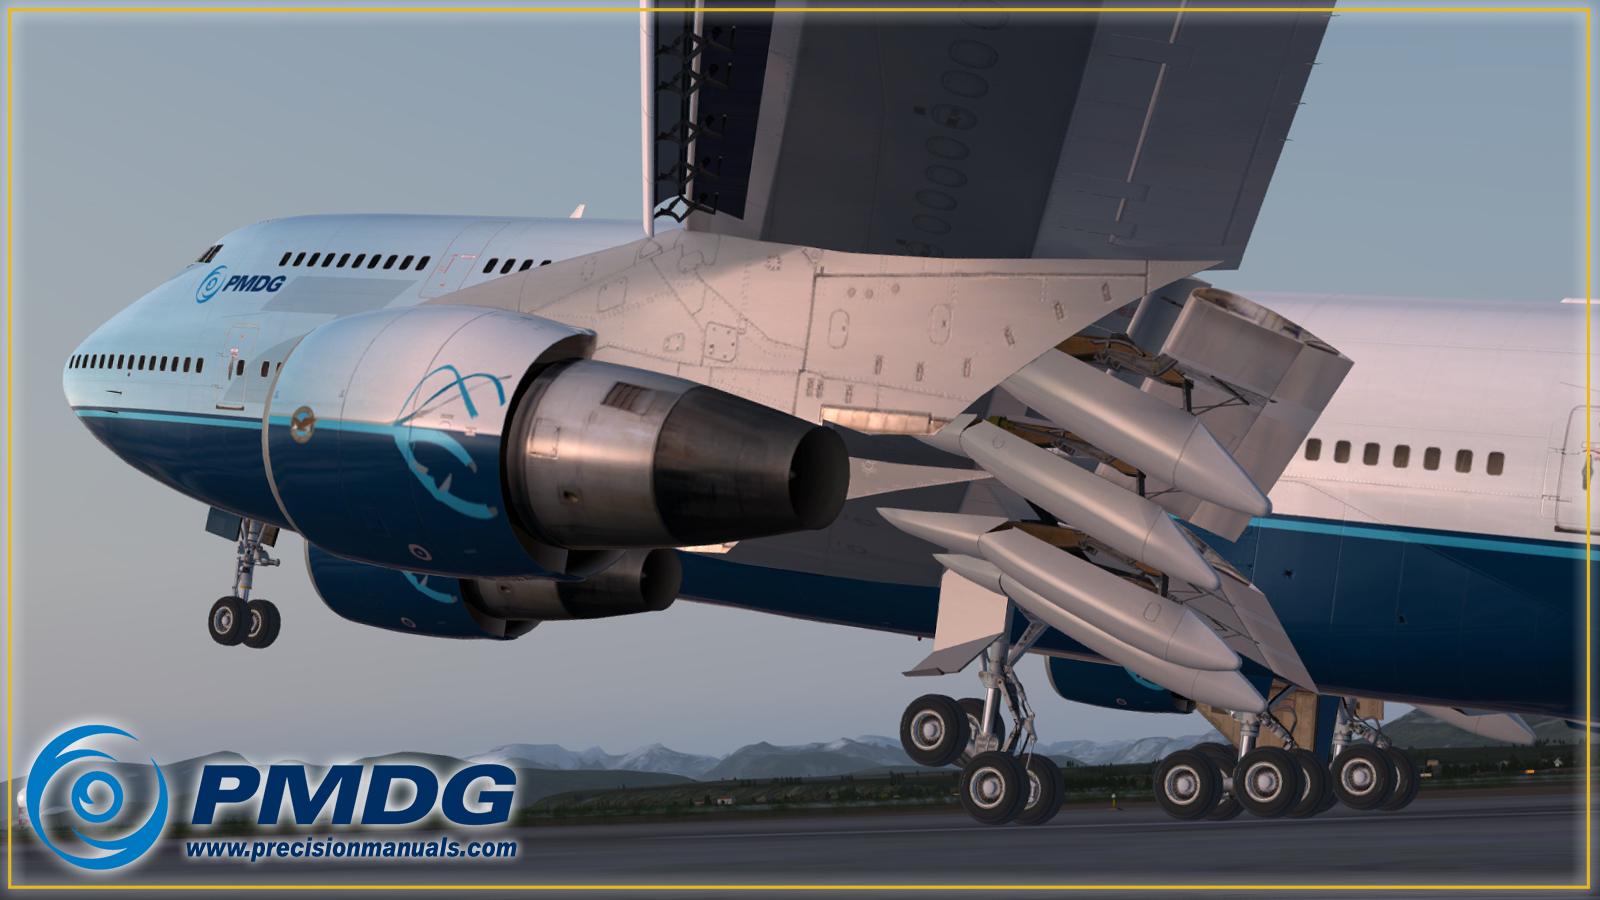 PMDG_744PW_wheelie.jpg